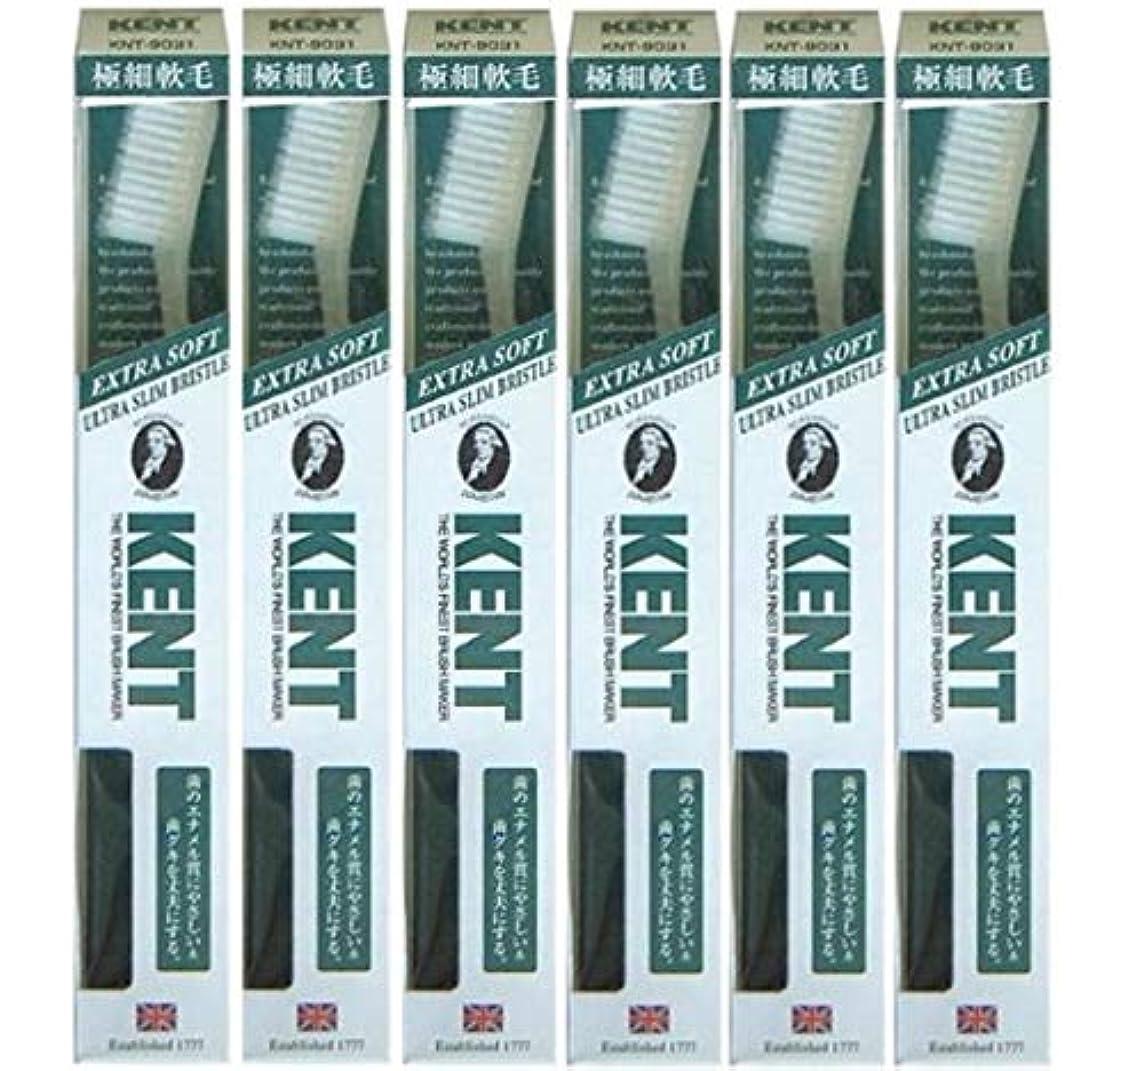 シプリー空針【6本セット】KENT 極細軟毛歯ブラシ KNT-9031 オーバルラージヘッド 超やわらかめ